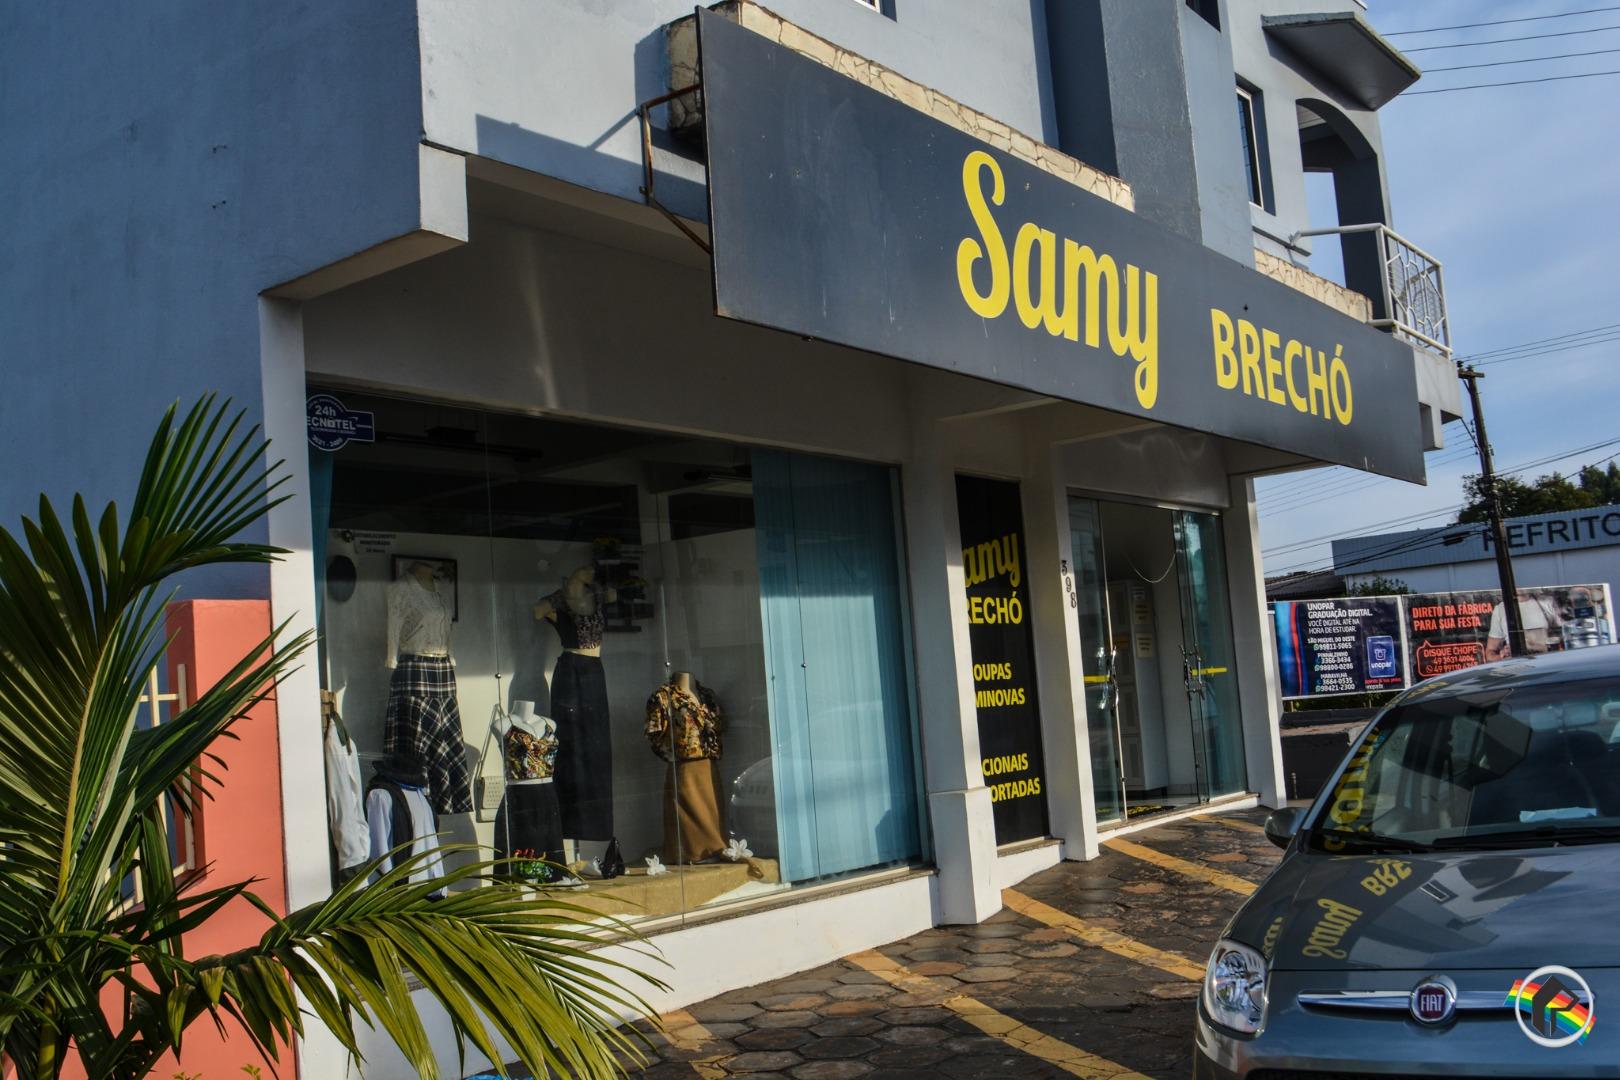 Samy Brechó completa três anos em São Miguel do Oeste